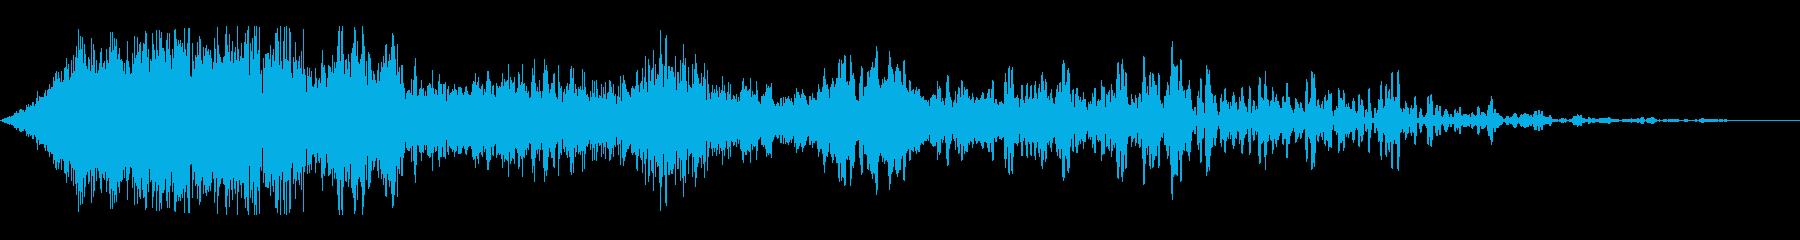 細いスワイプ1の再生済みの波形